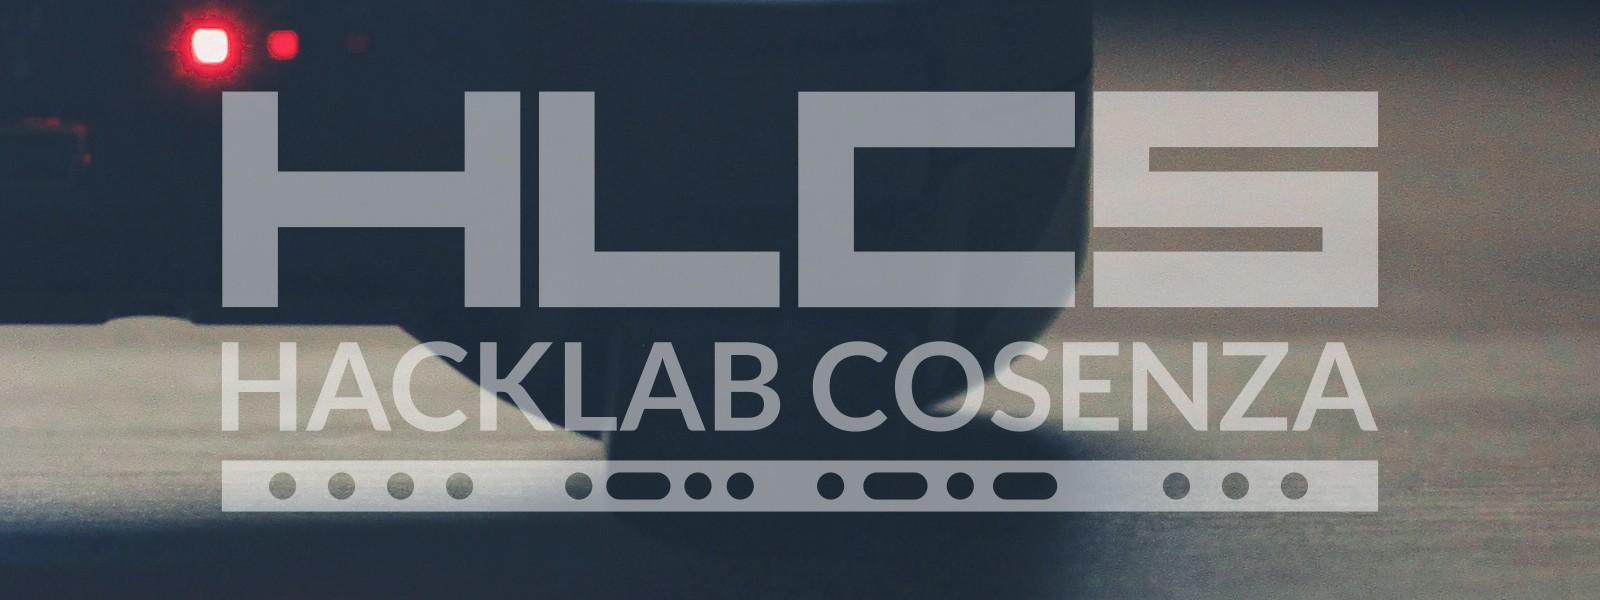 Hacklab Cosenza... Hacklab